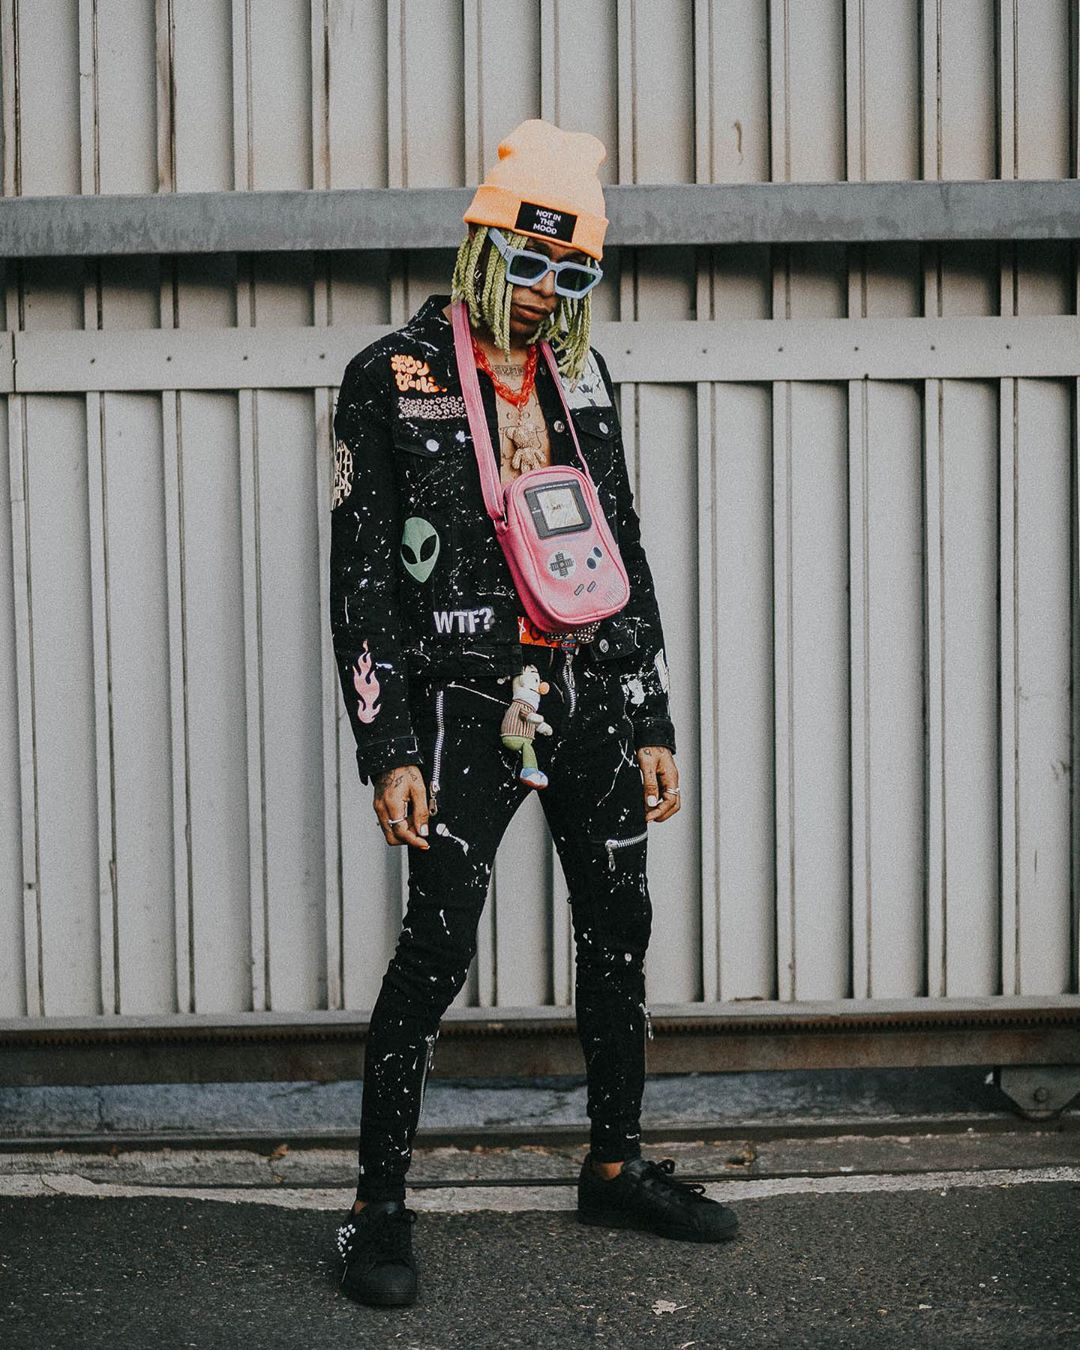 Gafas extravagantes y muchos colores: el estilo del artista urbano Lalo Ebratt, quien por estos días está estrenando nuevo tema